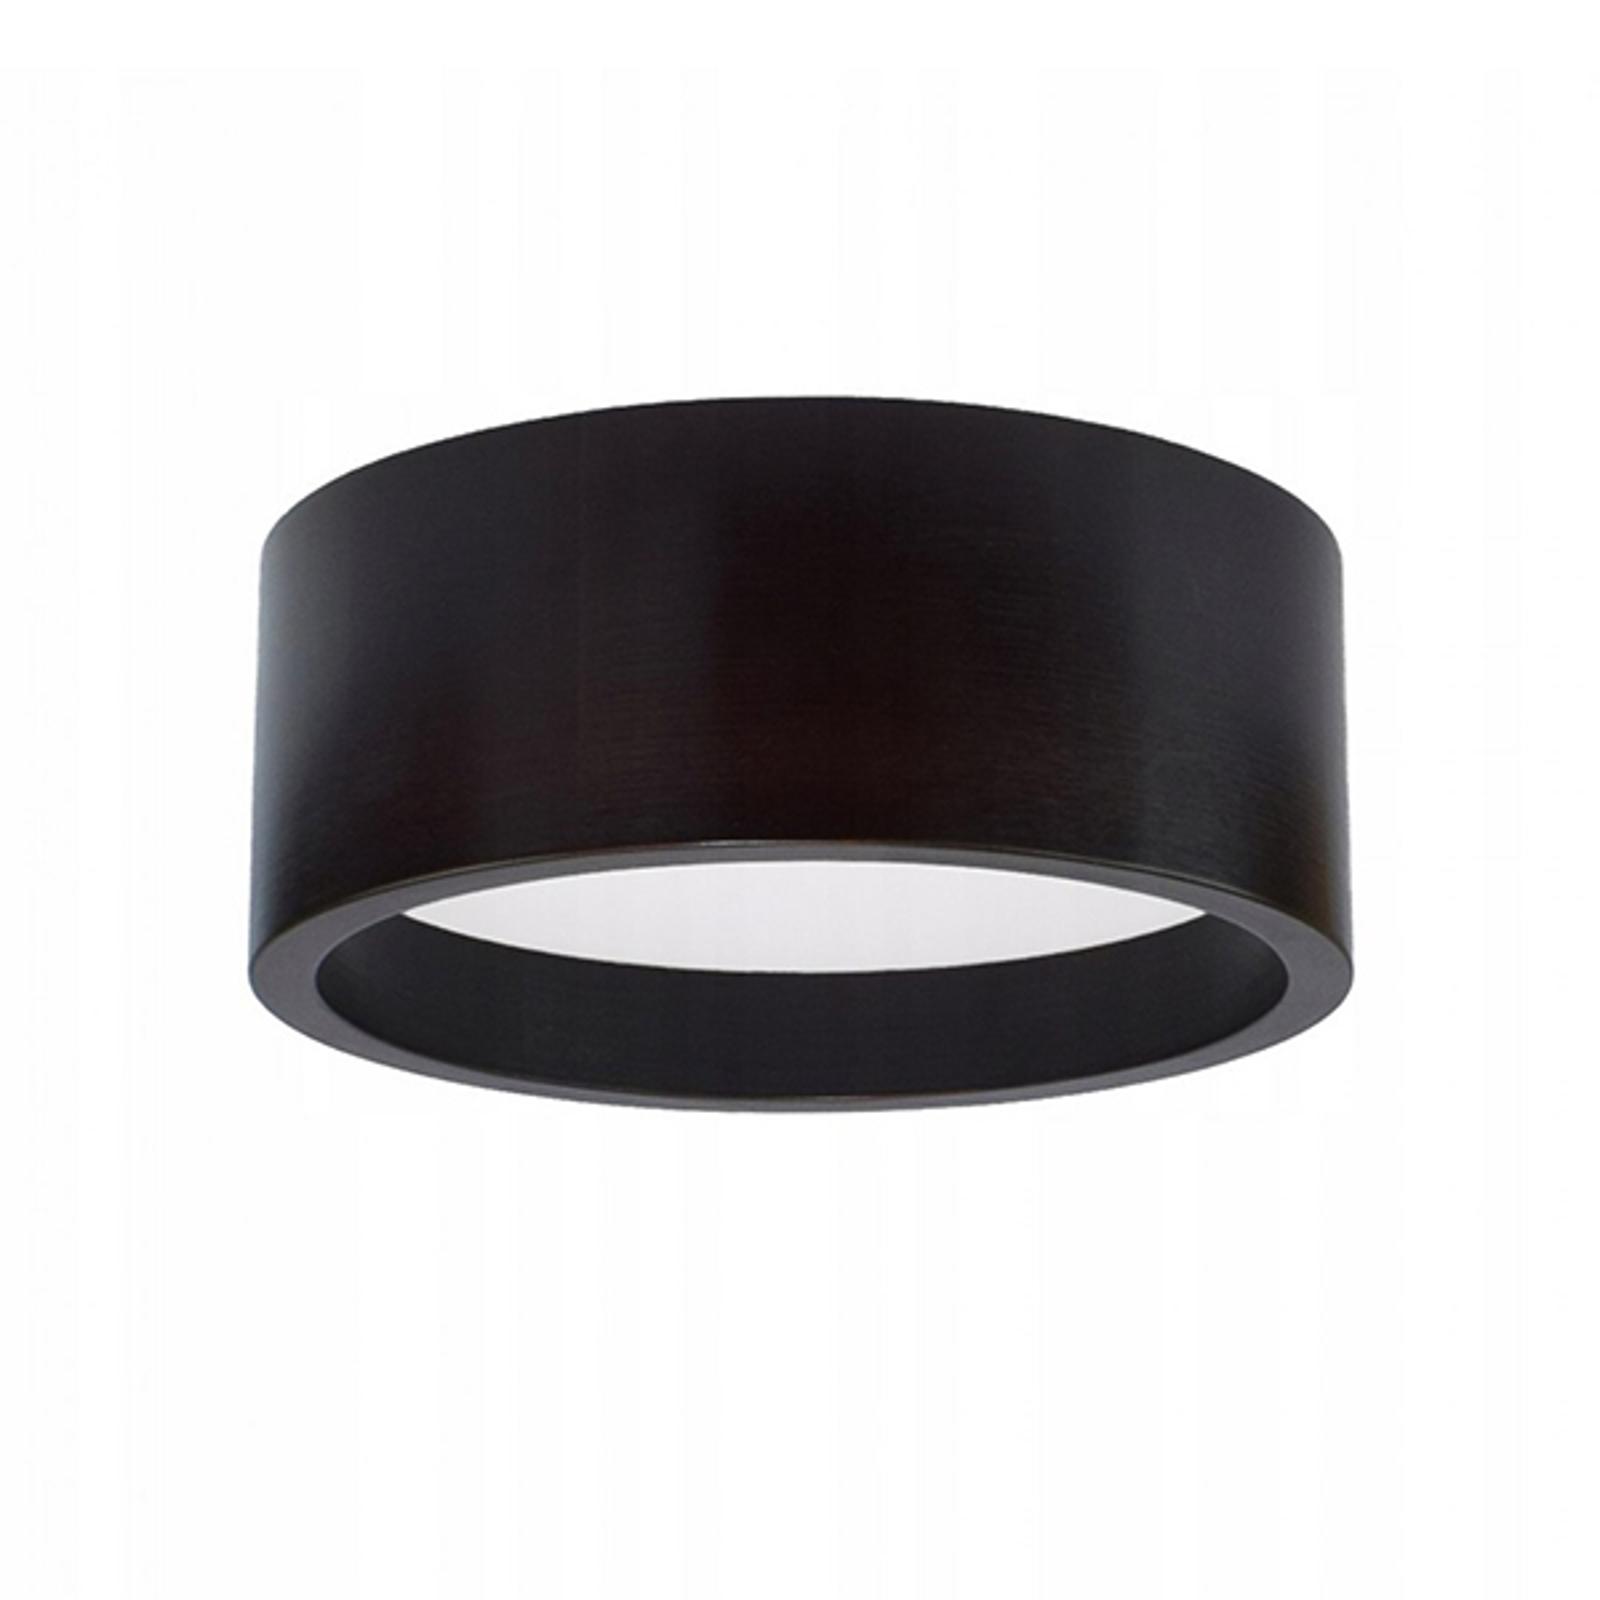 Plafonnier LED Deep, Ø 28cm, noir